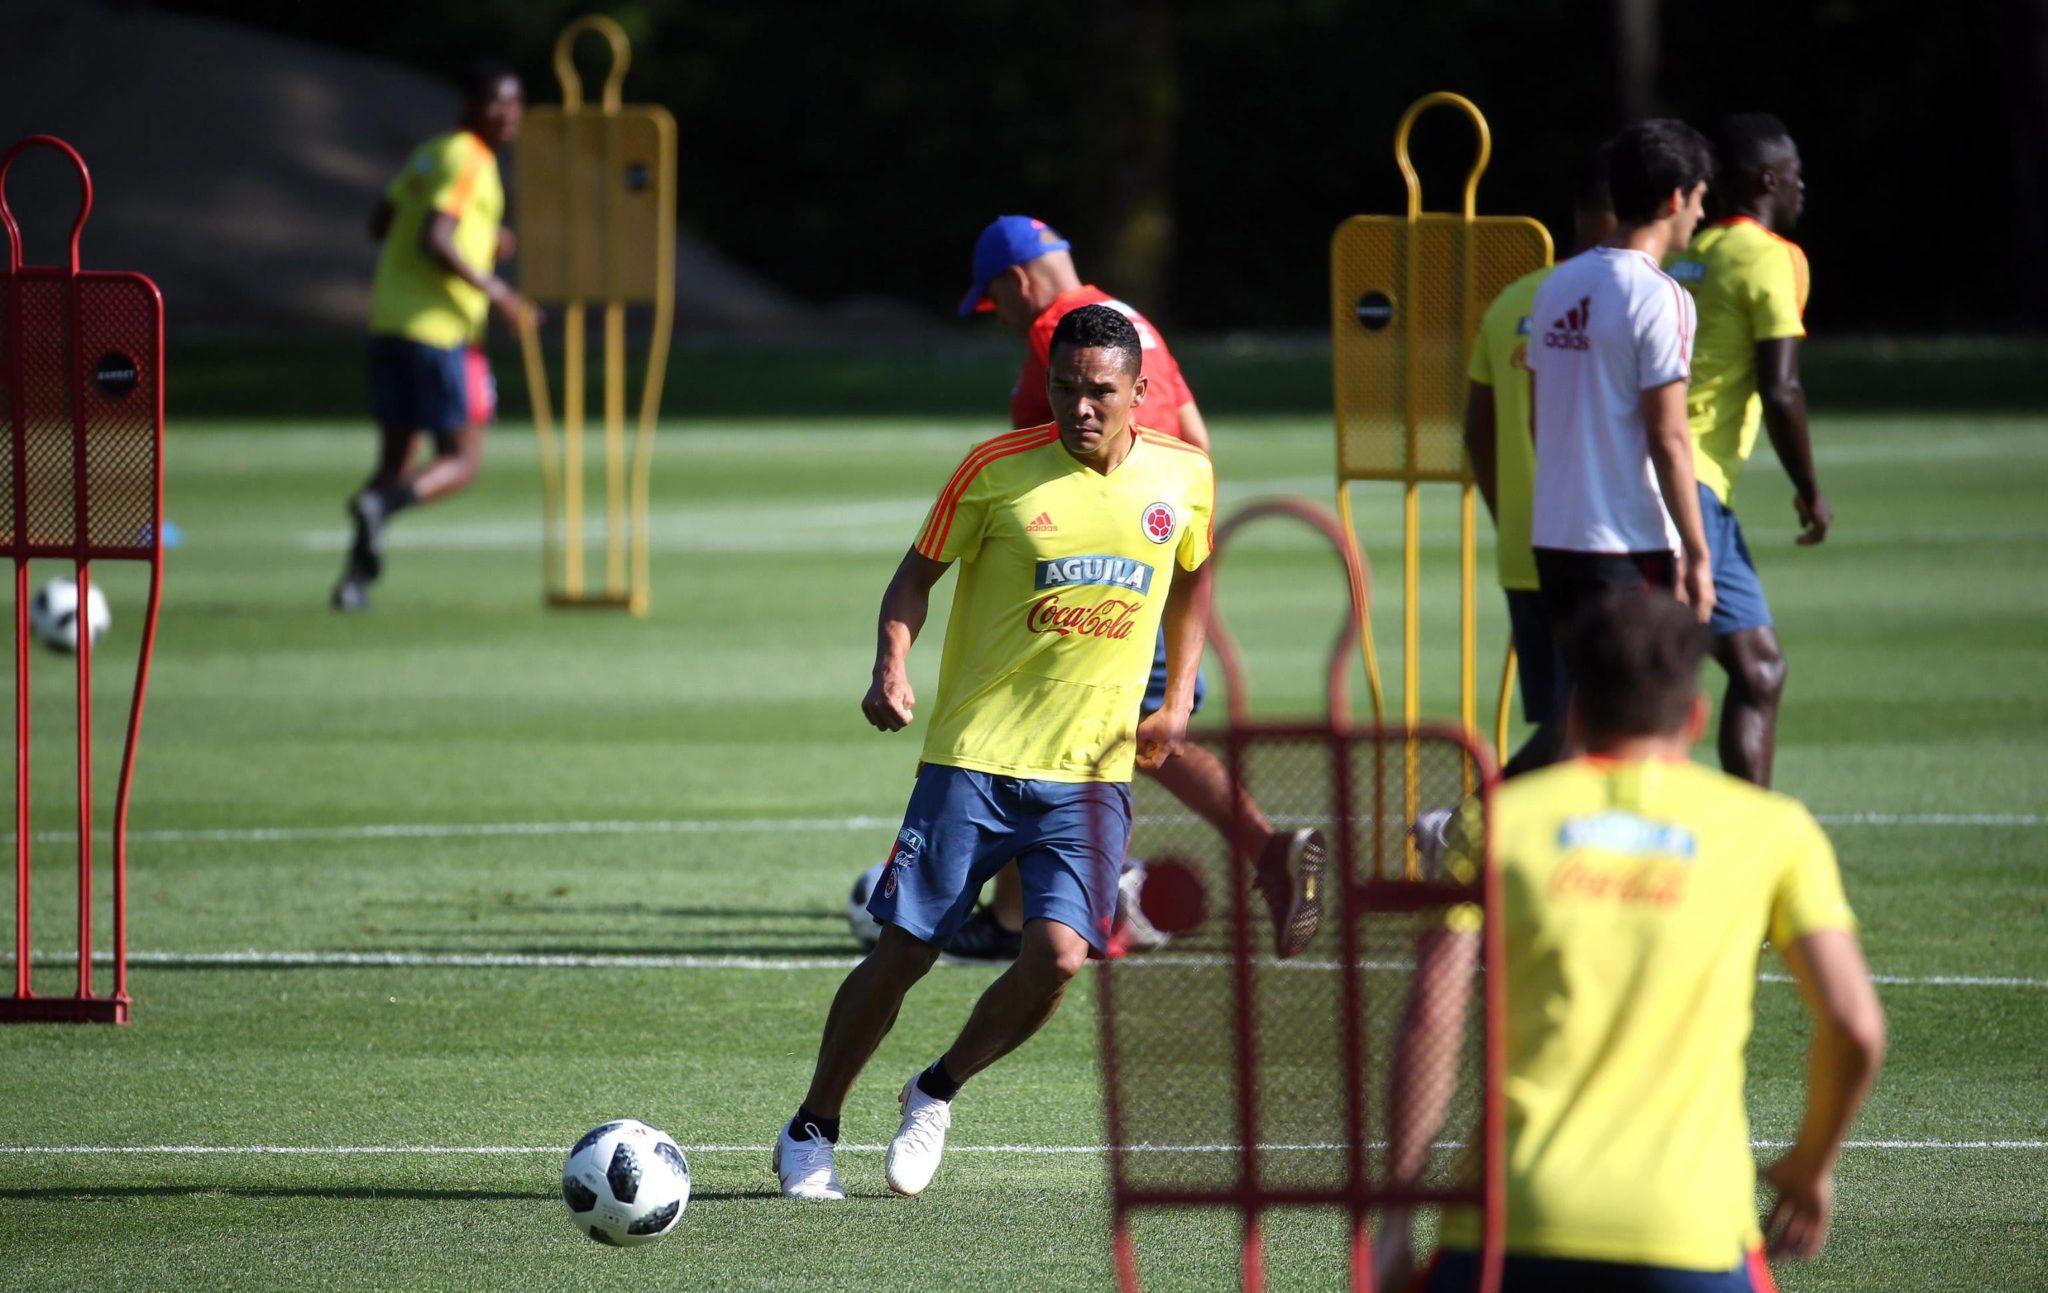 Włochy, Mediolan: kolumbijska reprezentacja piłkarska przygotowuje się do Mundialu w Rosji, fot: Matteo Bazzi, PAP/EPA